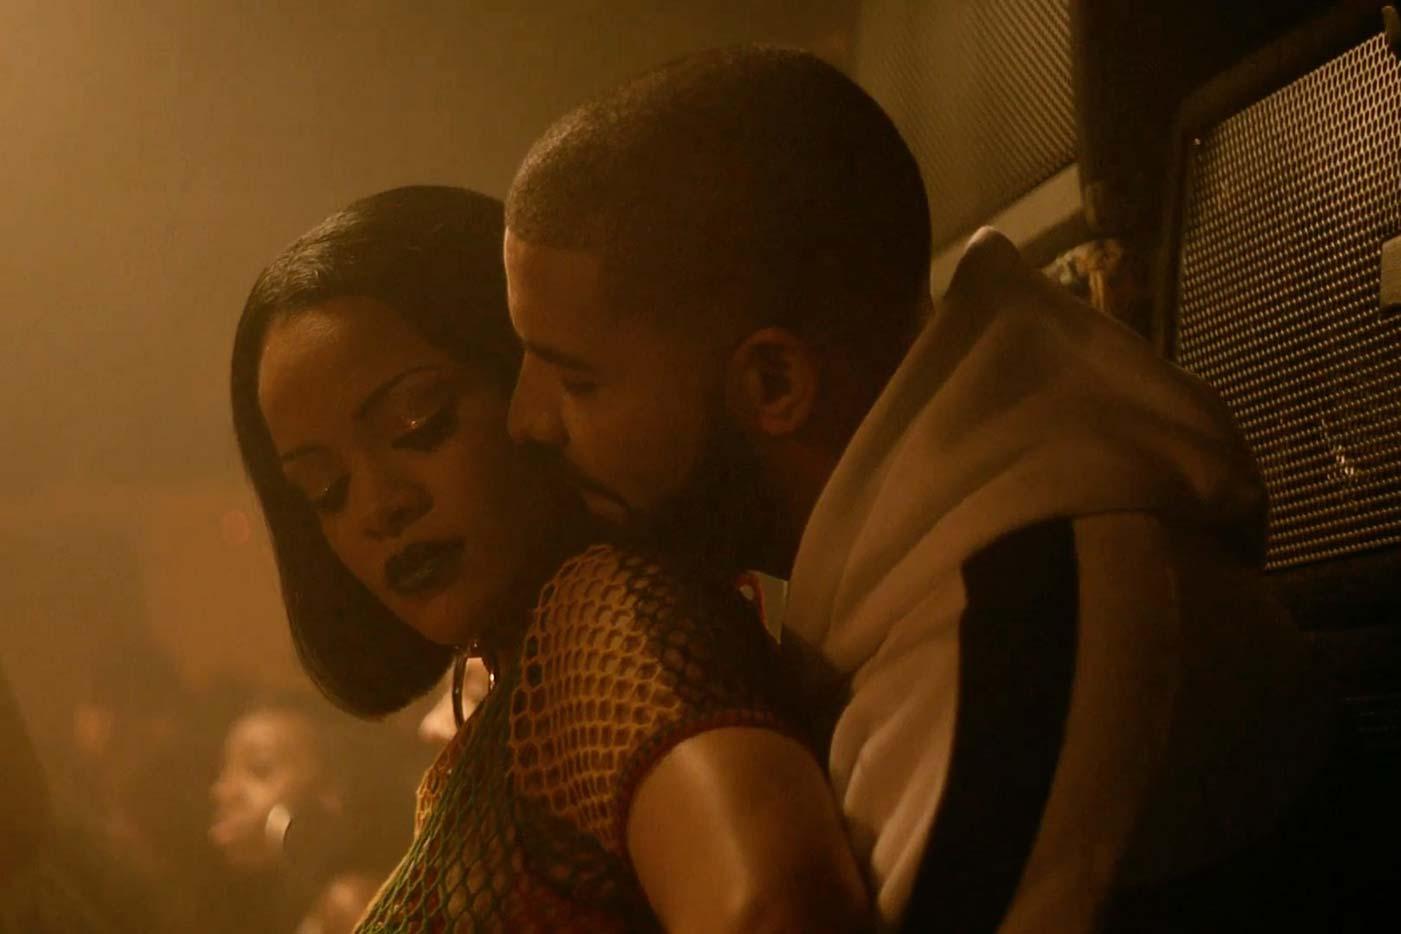 La temperatura sube en el nuevo vídeo de Rihanna con Drake